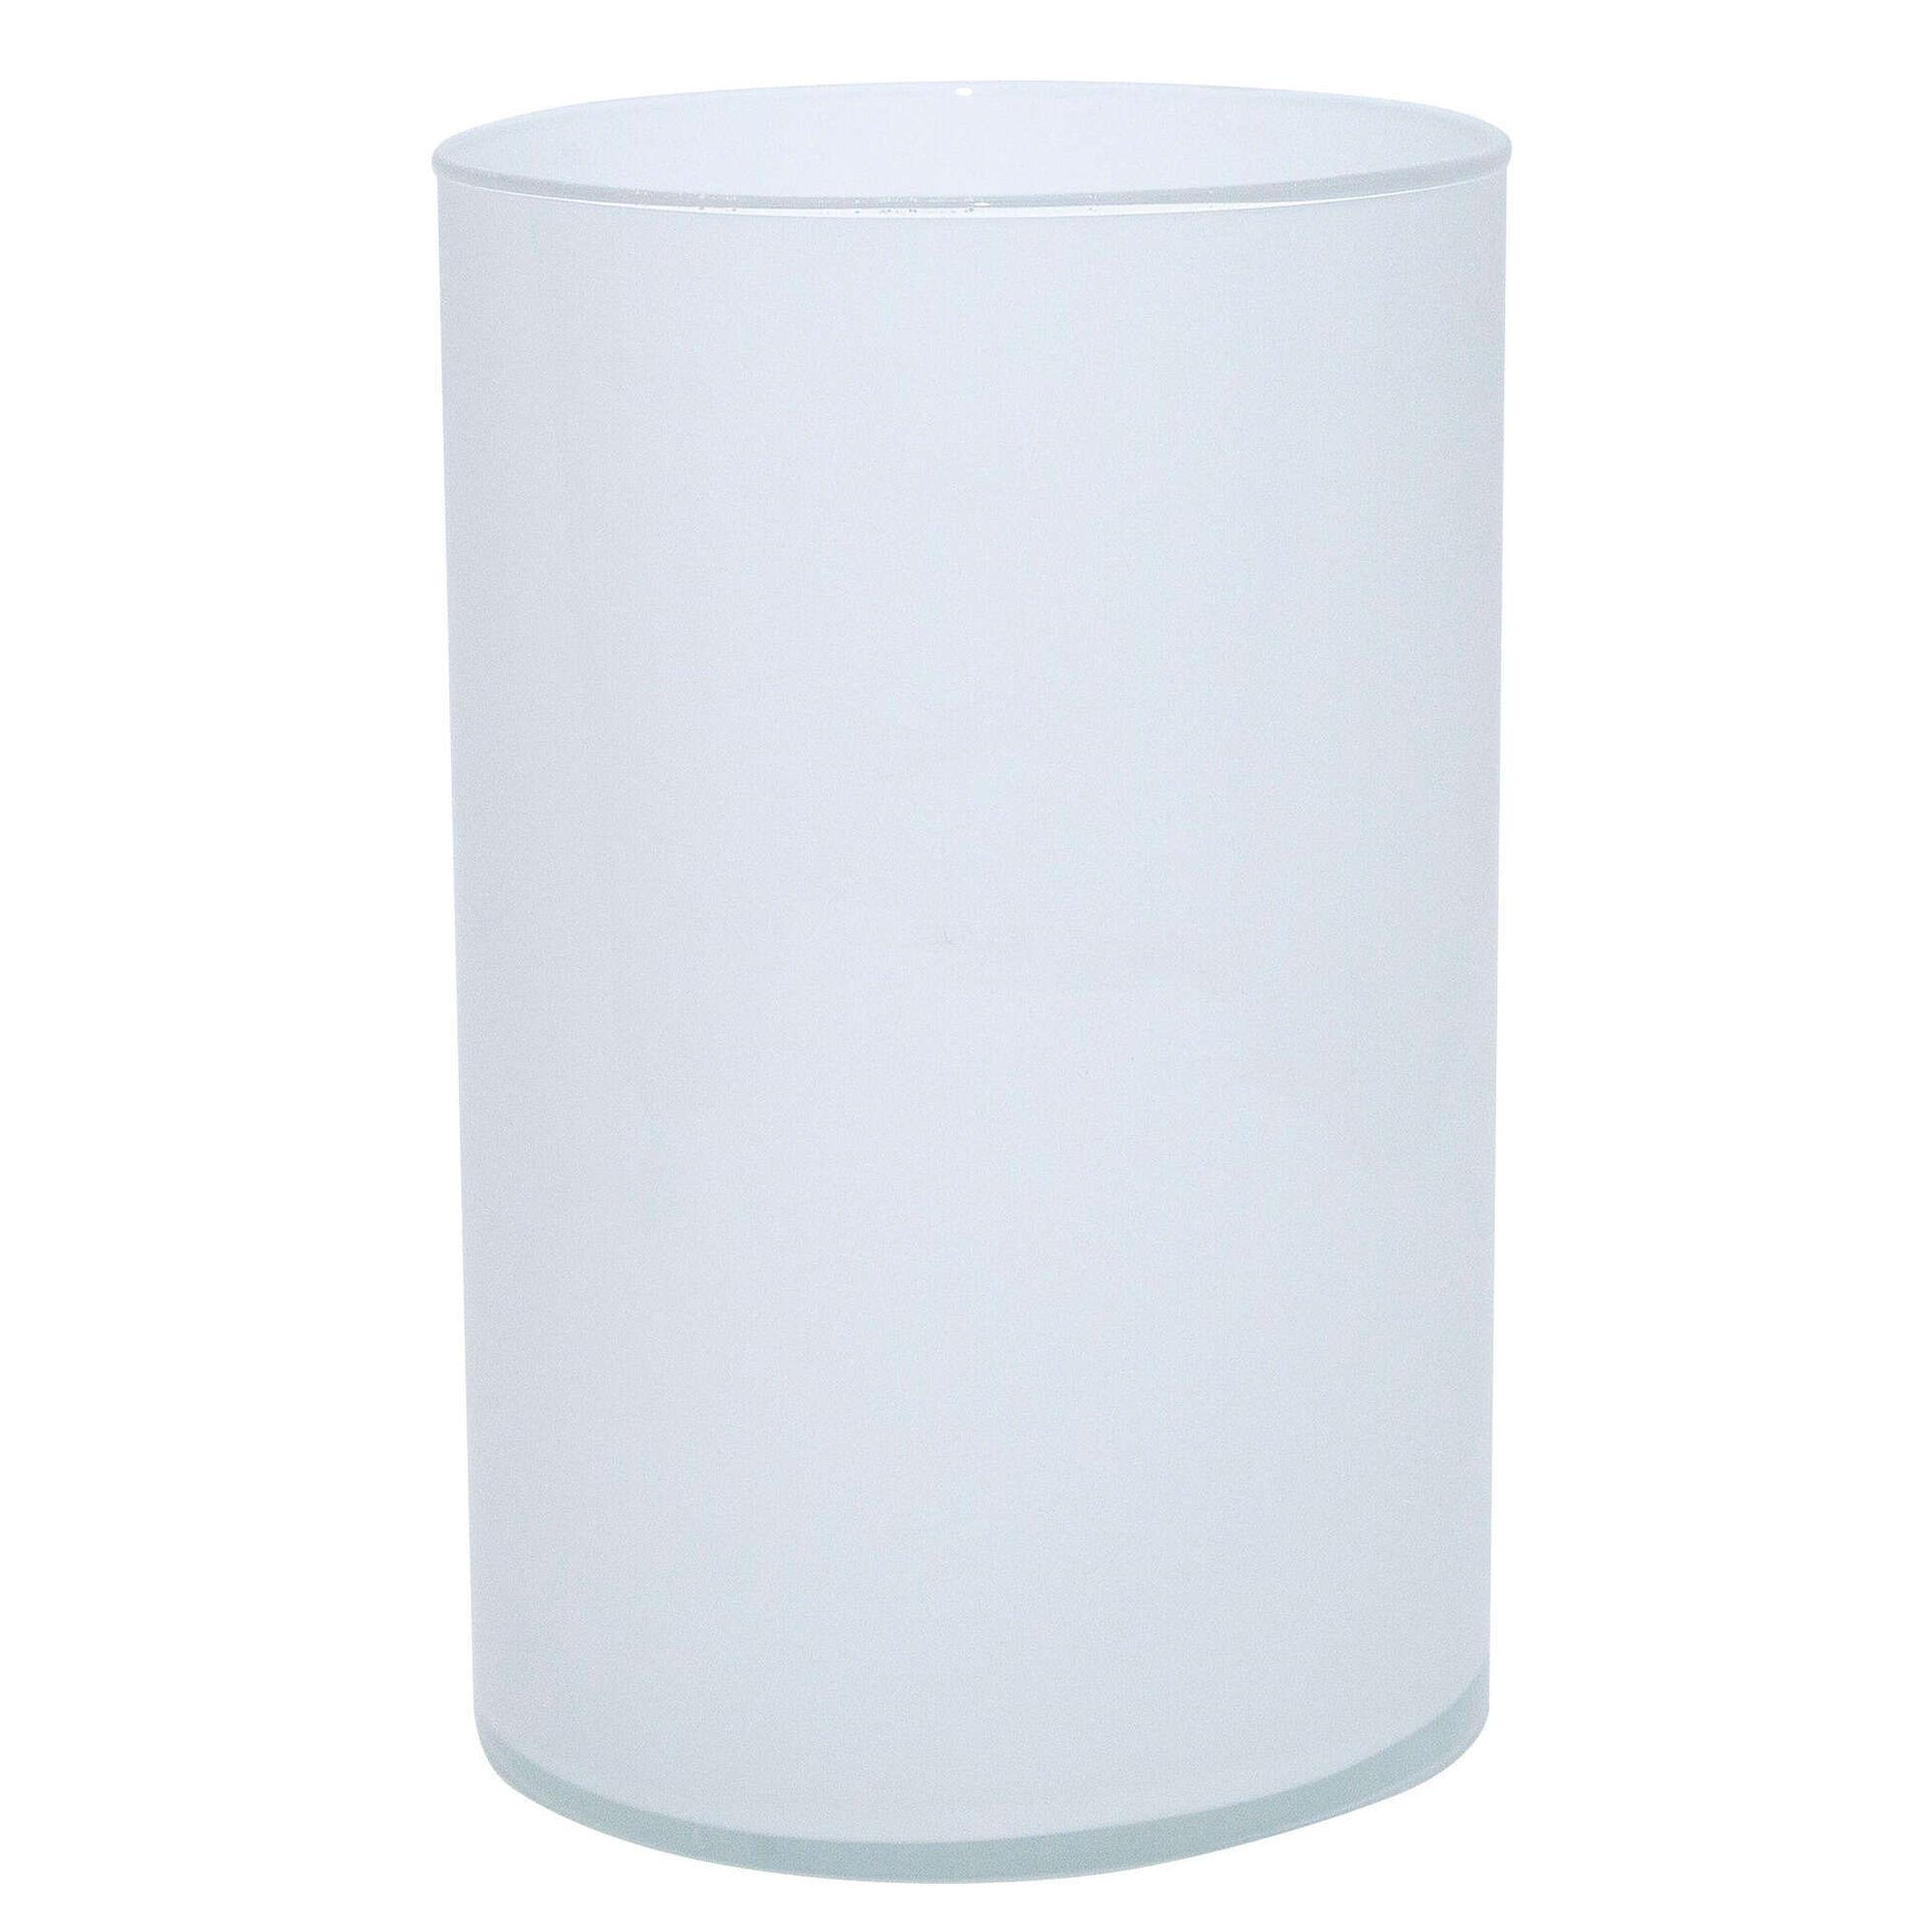 Vaso Redondo Vidro Branco